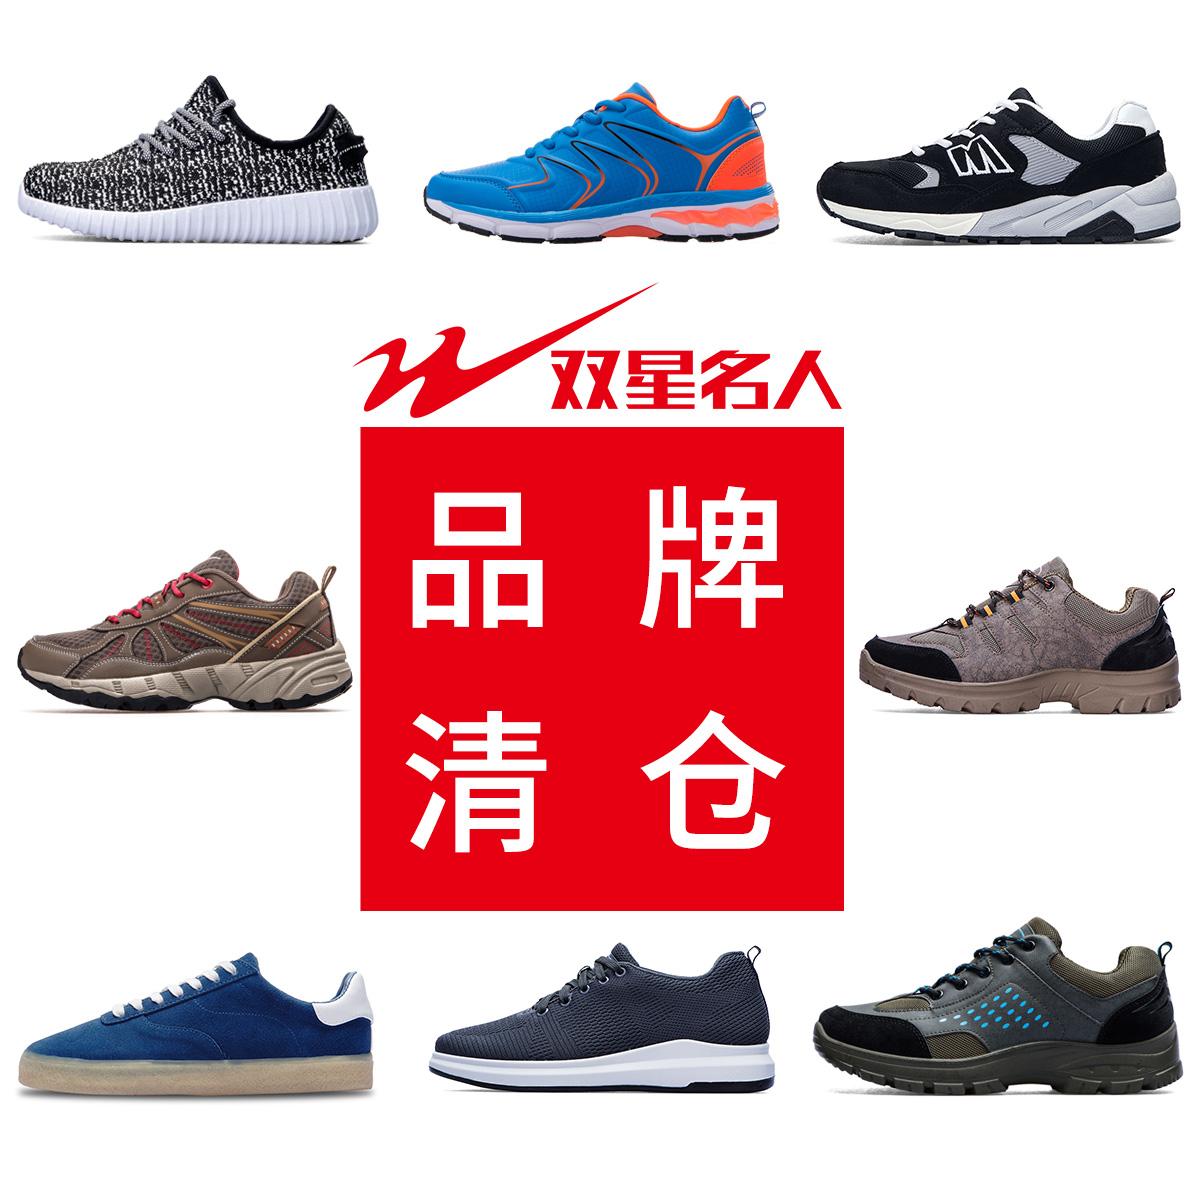 双星登山鞋男鞋舒适特价户外鞋运动鞋越野徒步鞋断码